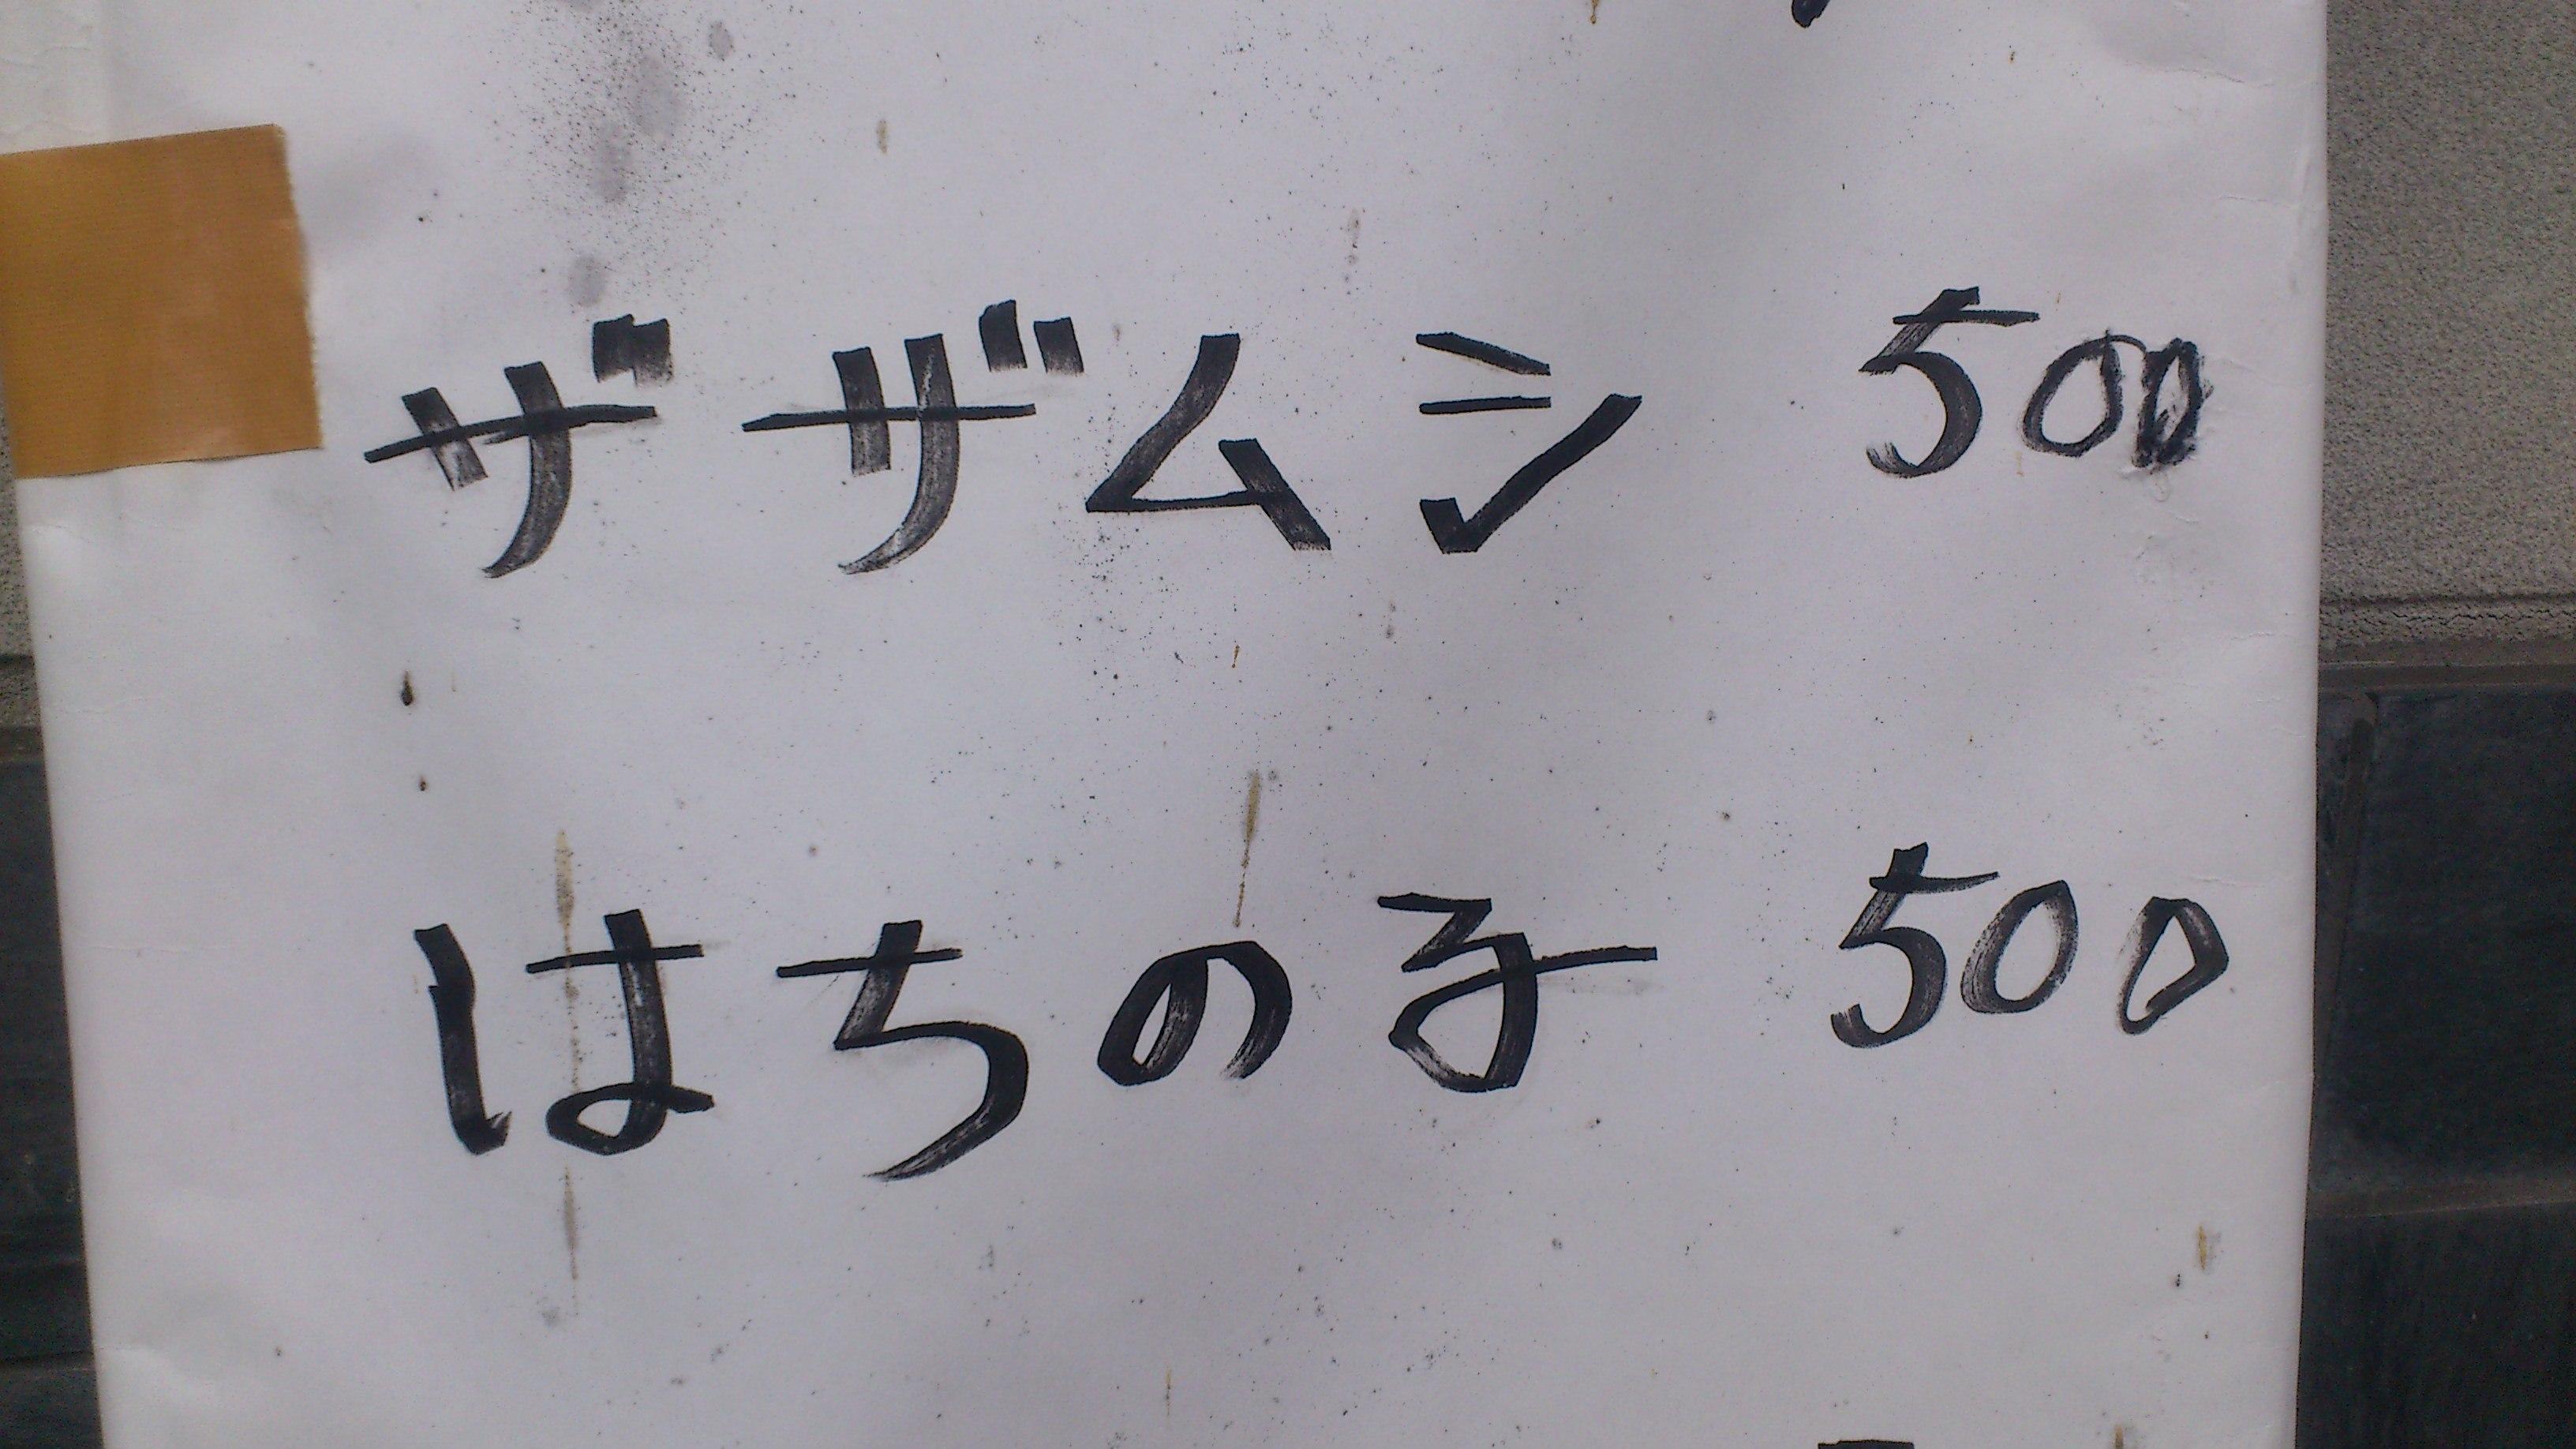 2014_05_09_ざざはちかいこ.JPG